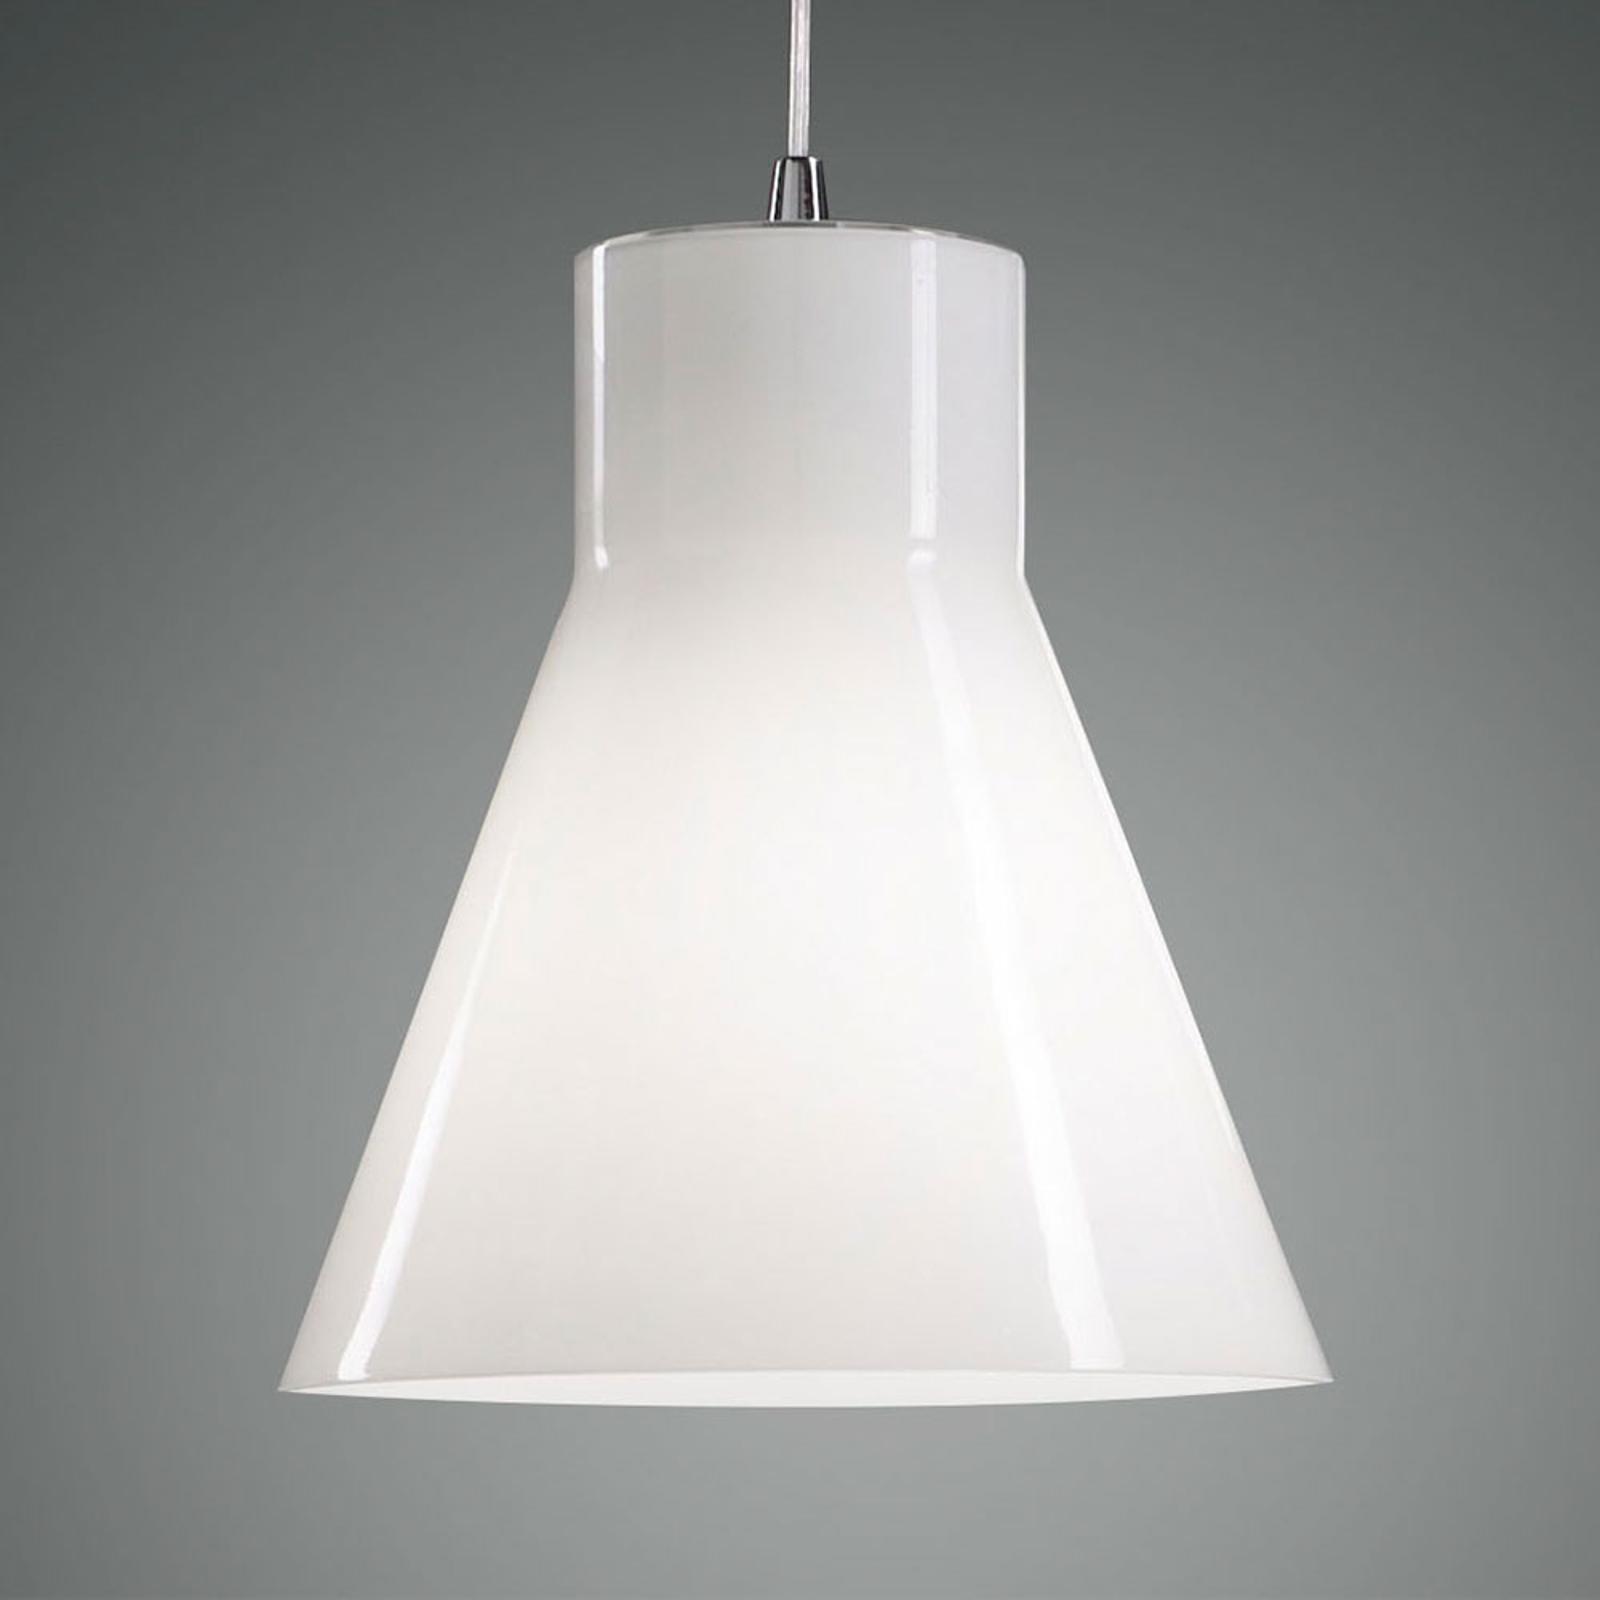 Pendant light DANA suspension_3501227_1